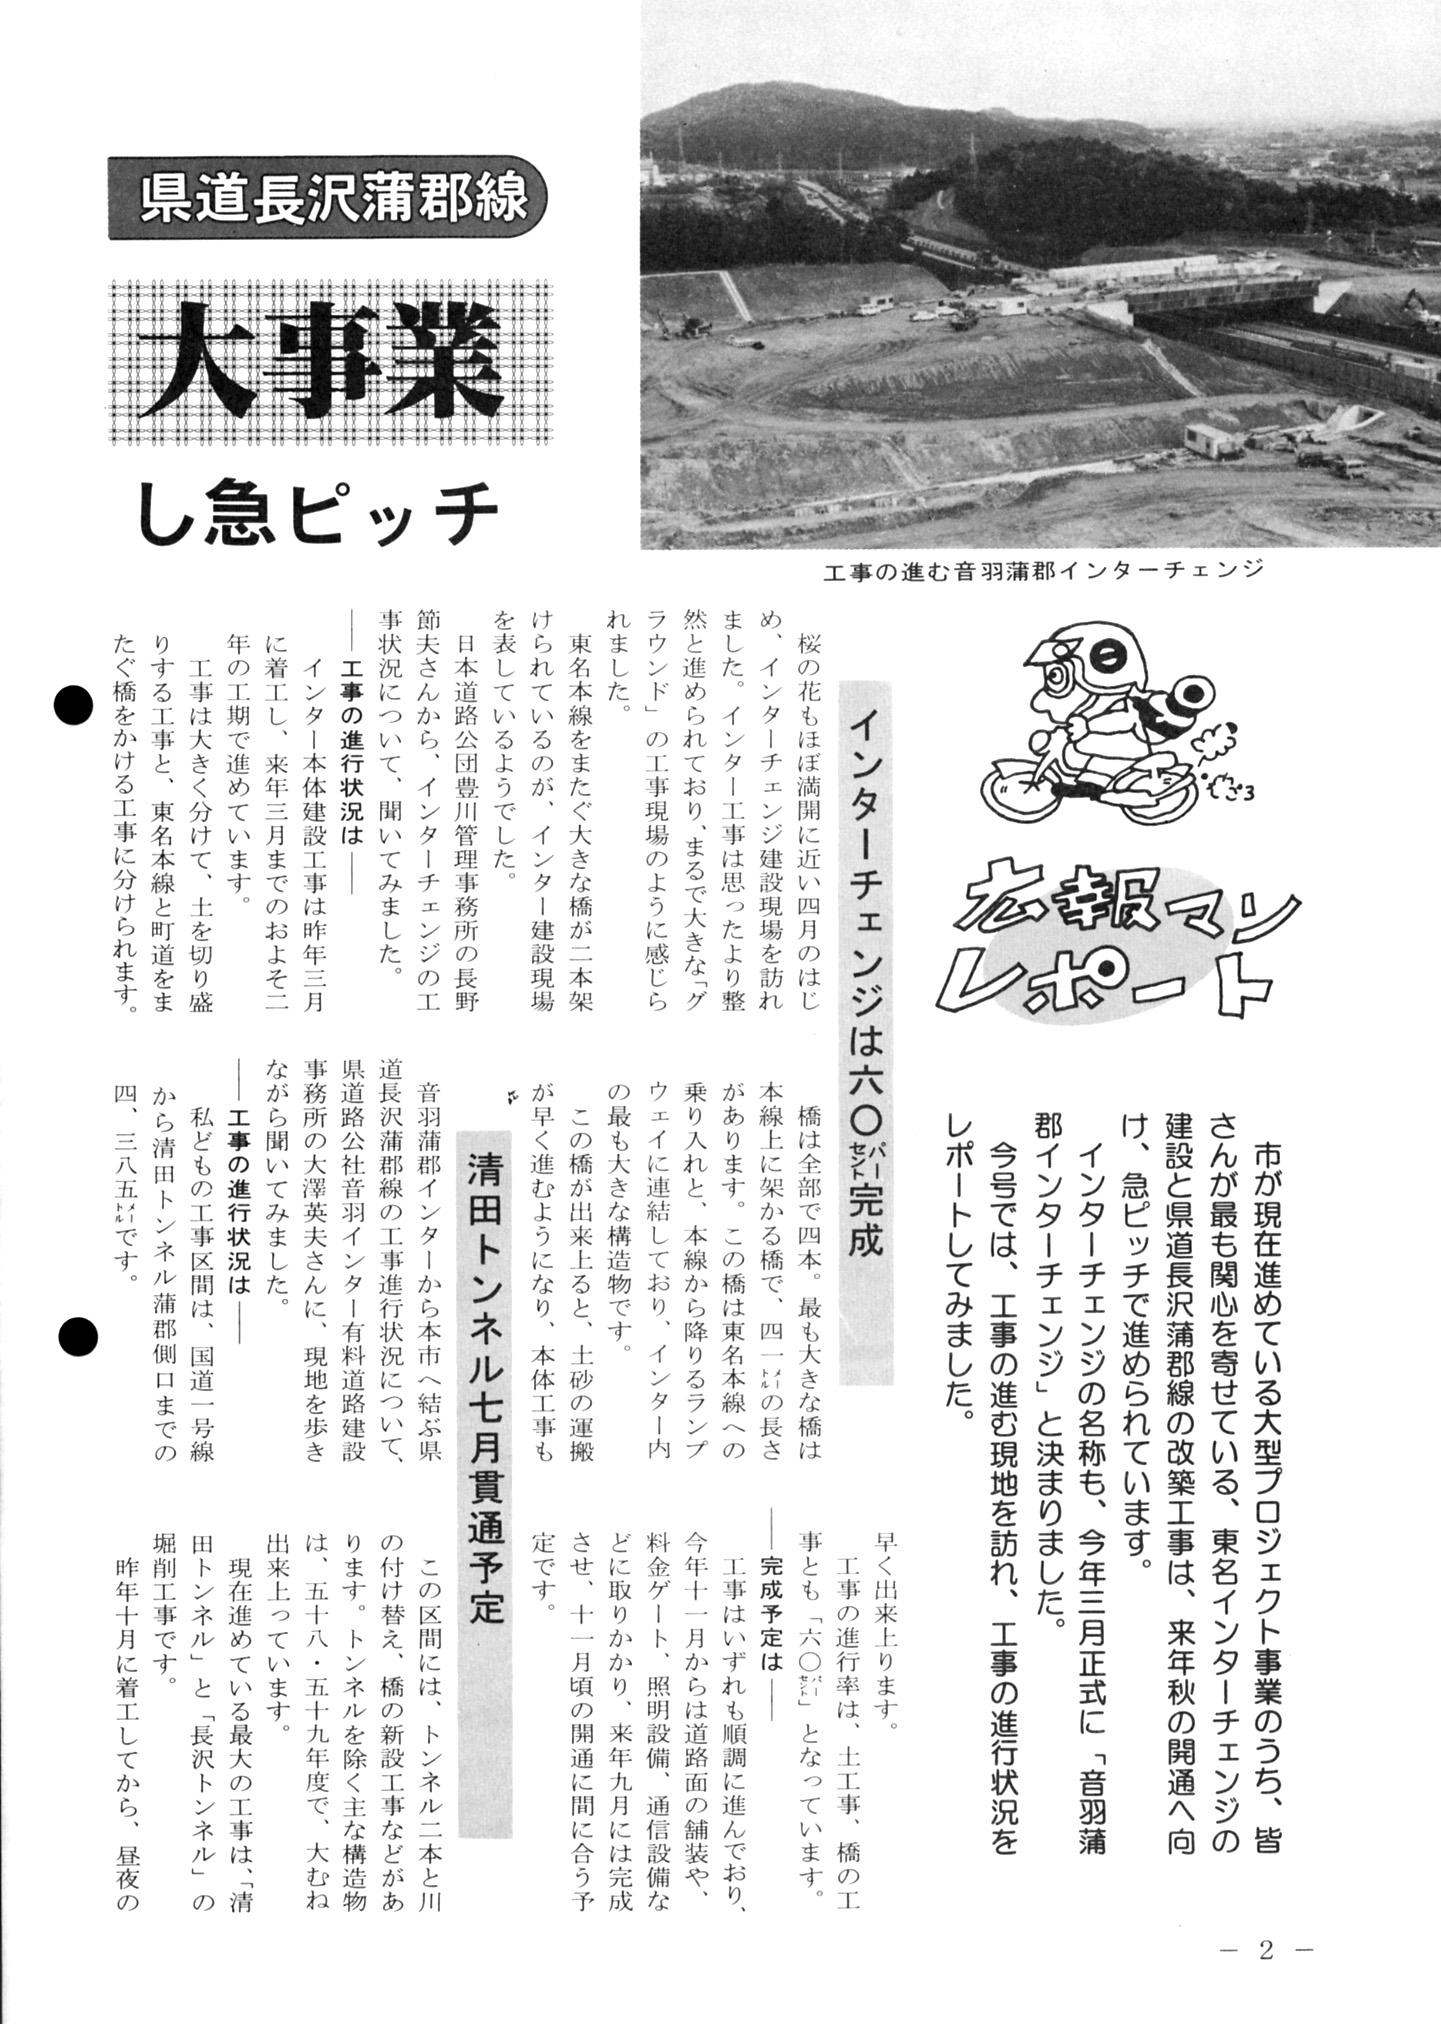 ... 愛知県蒲郡市公式ホームページ